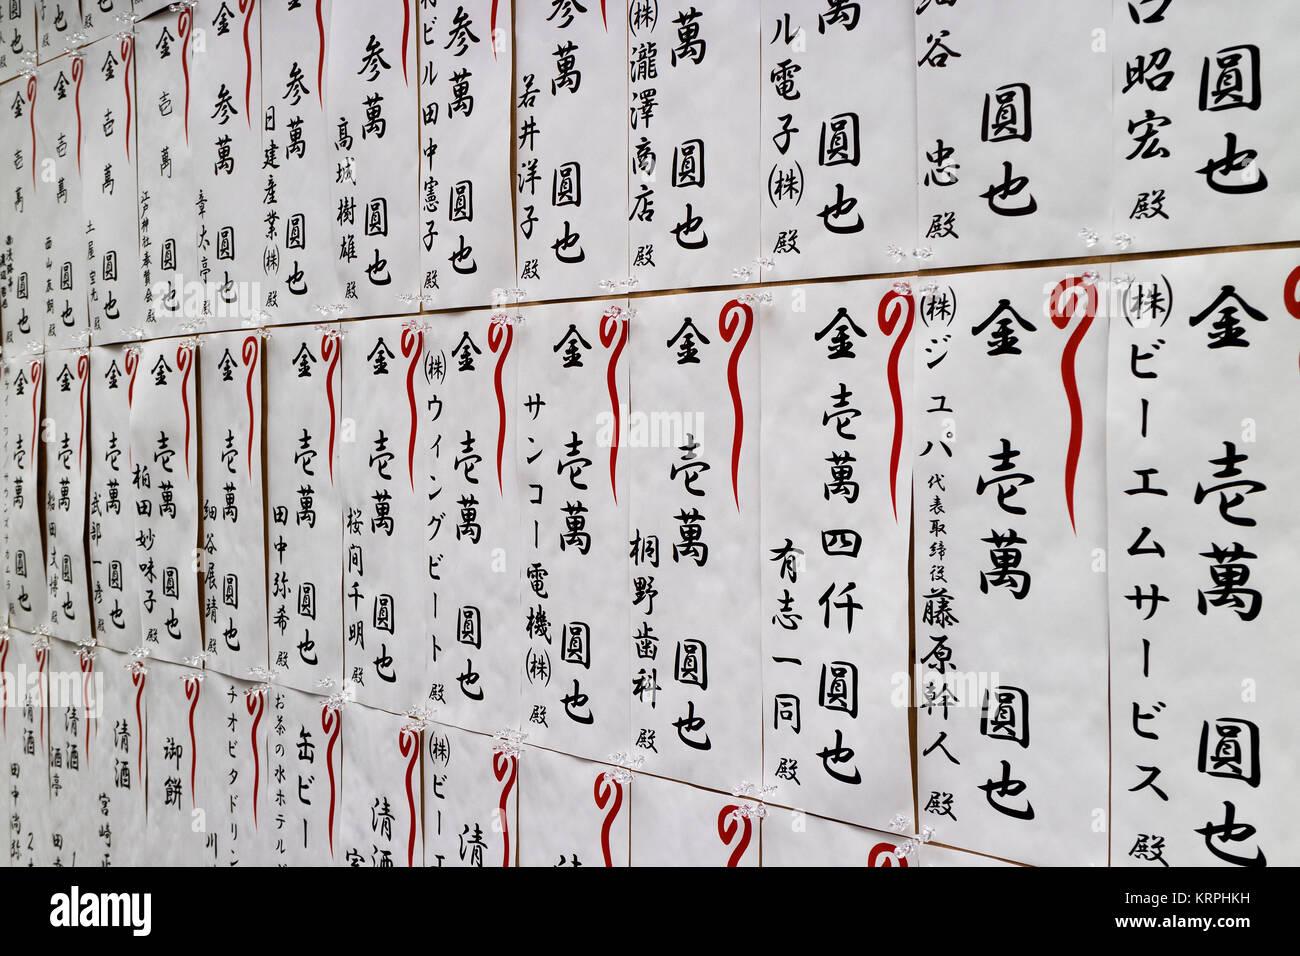 Tokio, Japón - Mayo 14,2017: Nombres de sponors sobre papeles escritos en lengua japonesa en la calle en el Imagen De Stock